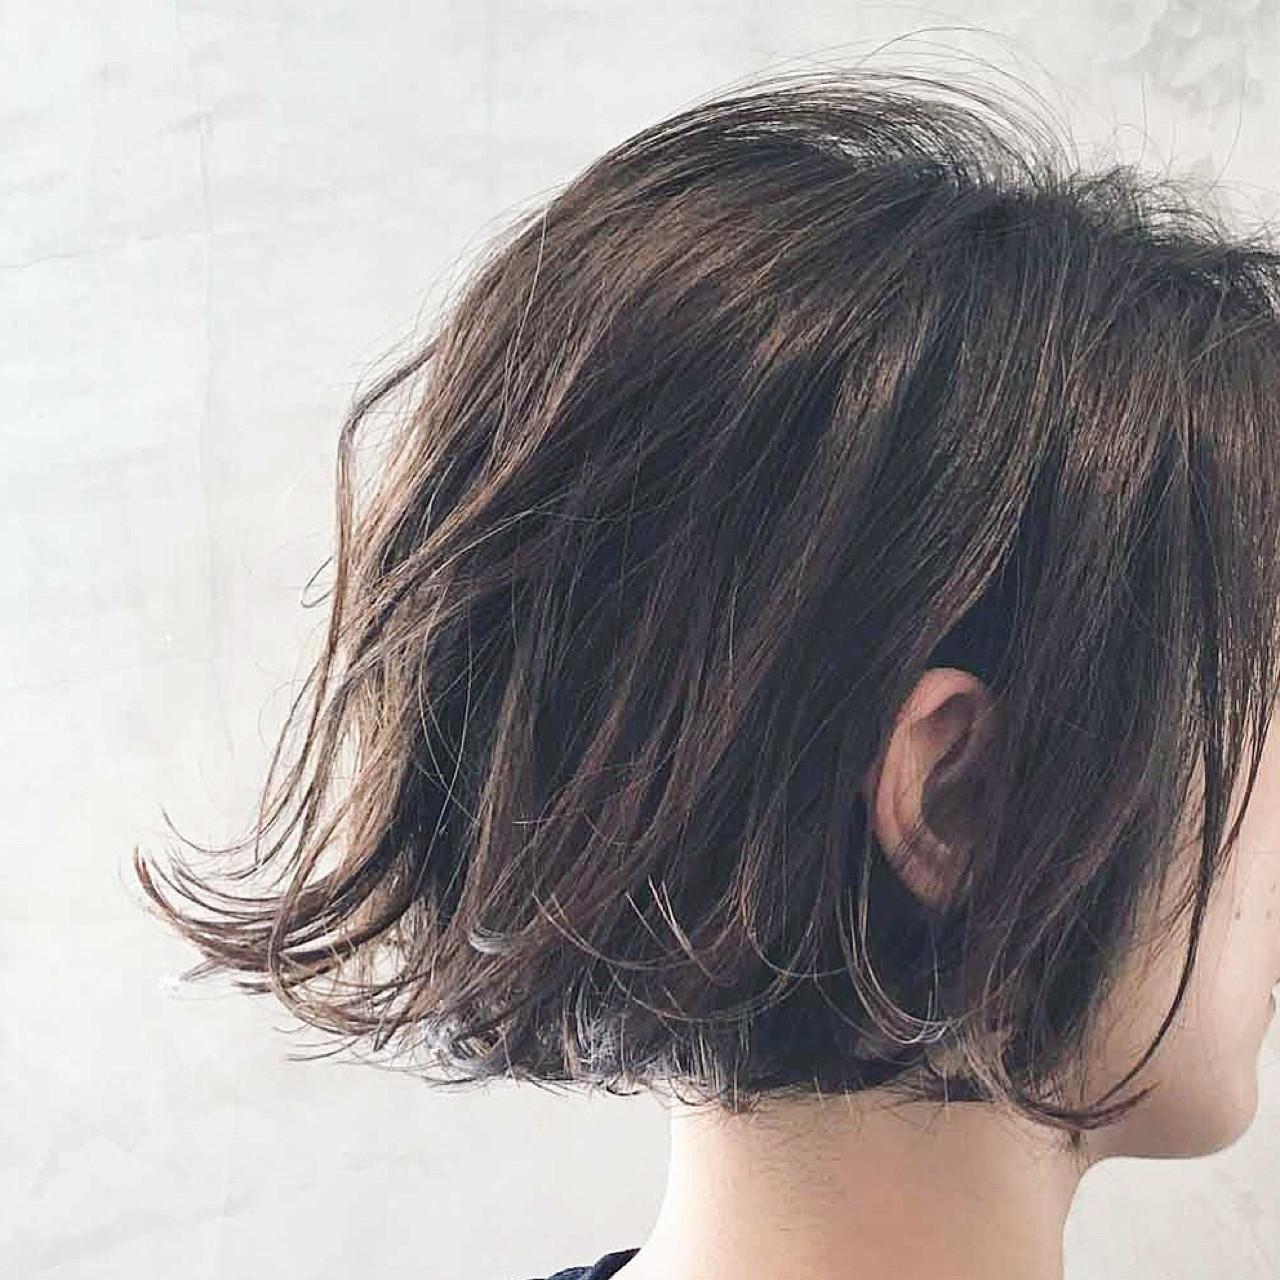 【ショートヘア向け】短くてもピッタリはまる!デジタルパーマスタイル 篠崎 佑介